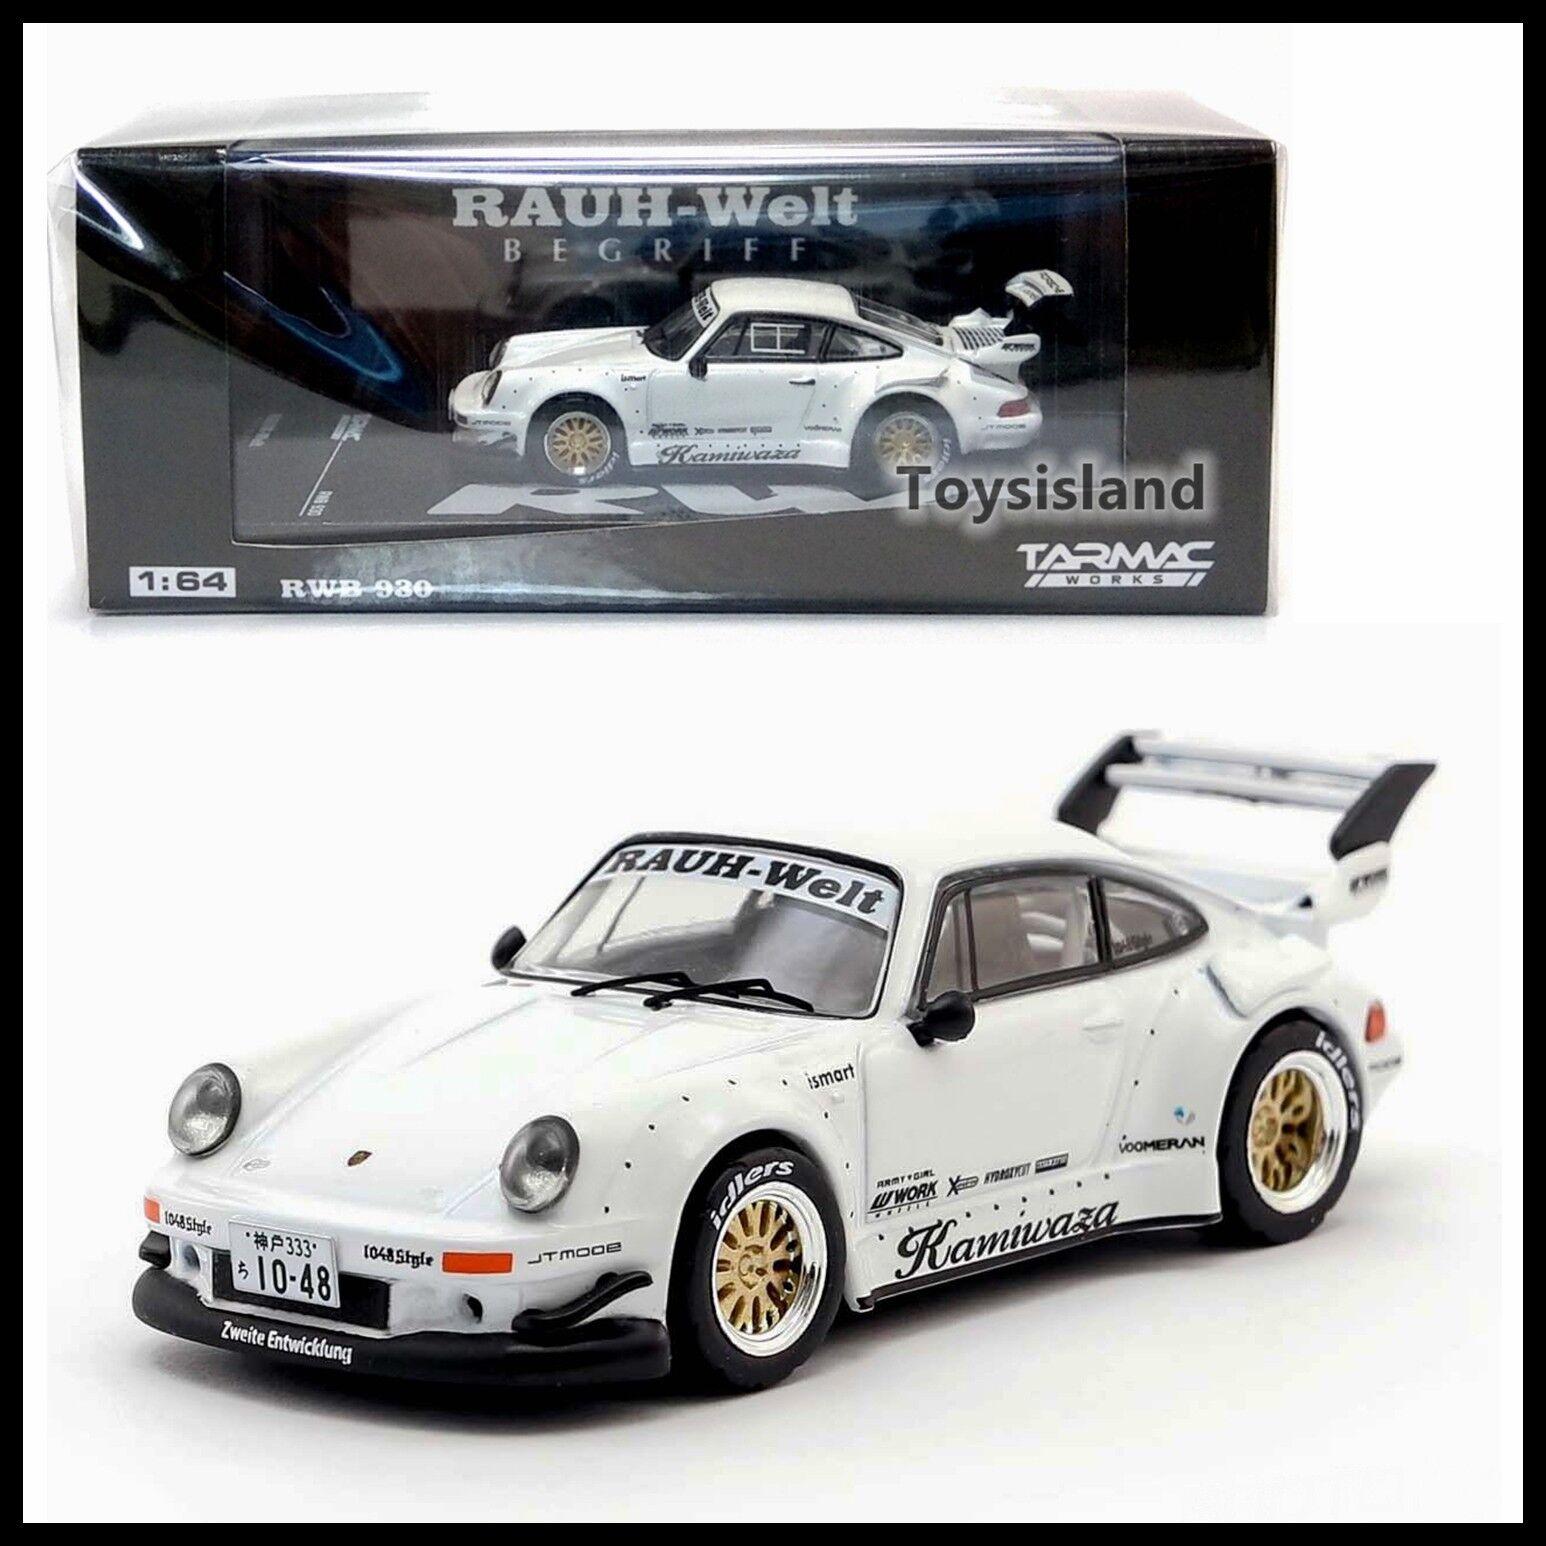 Tarmac Works 1 64 Porsche RWB 930 RAUH-Welt BEGRIFF DIECAST DIECAST DIECAST CAR 777986